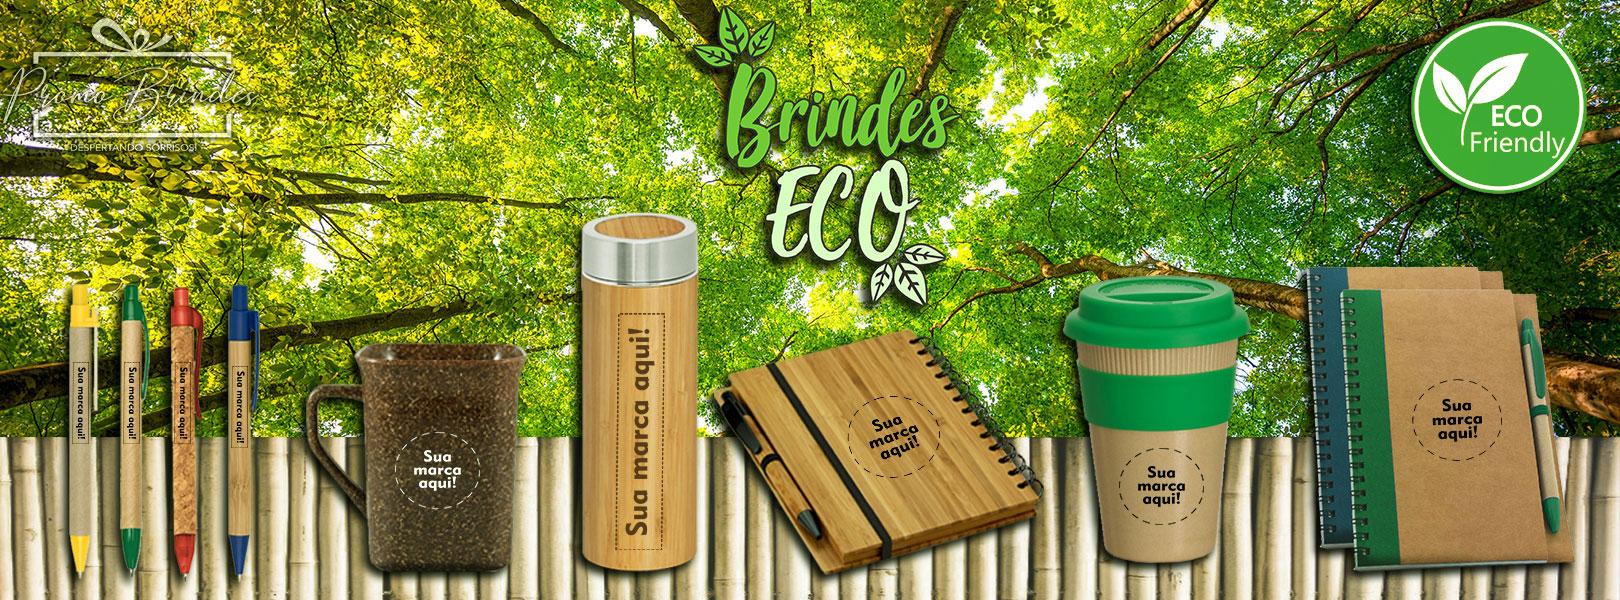 https://brindescriativo.com.br/brindes/ecologicos/